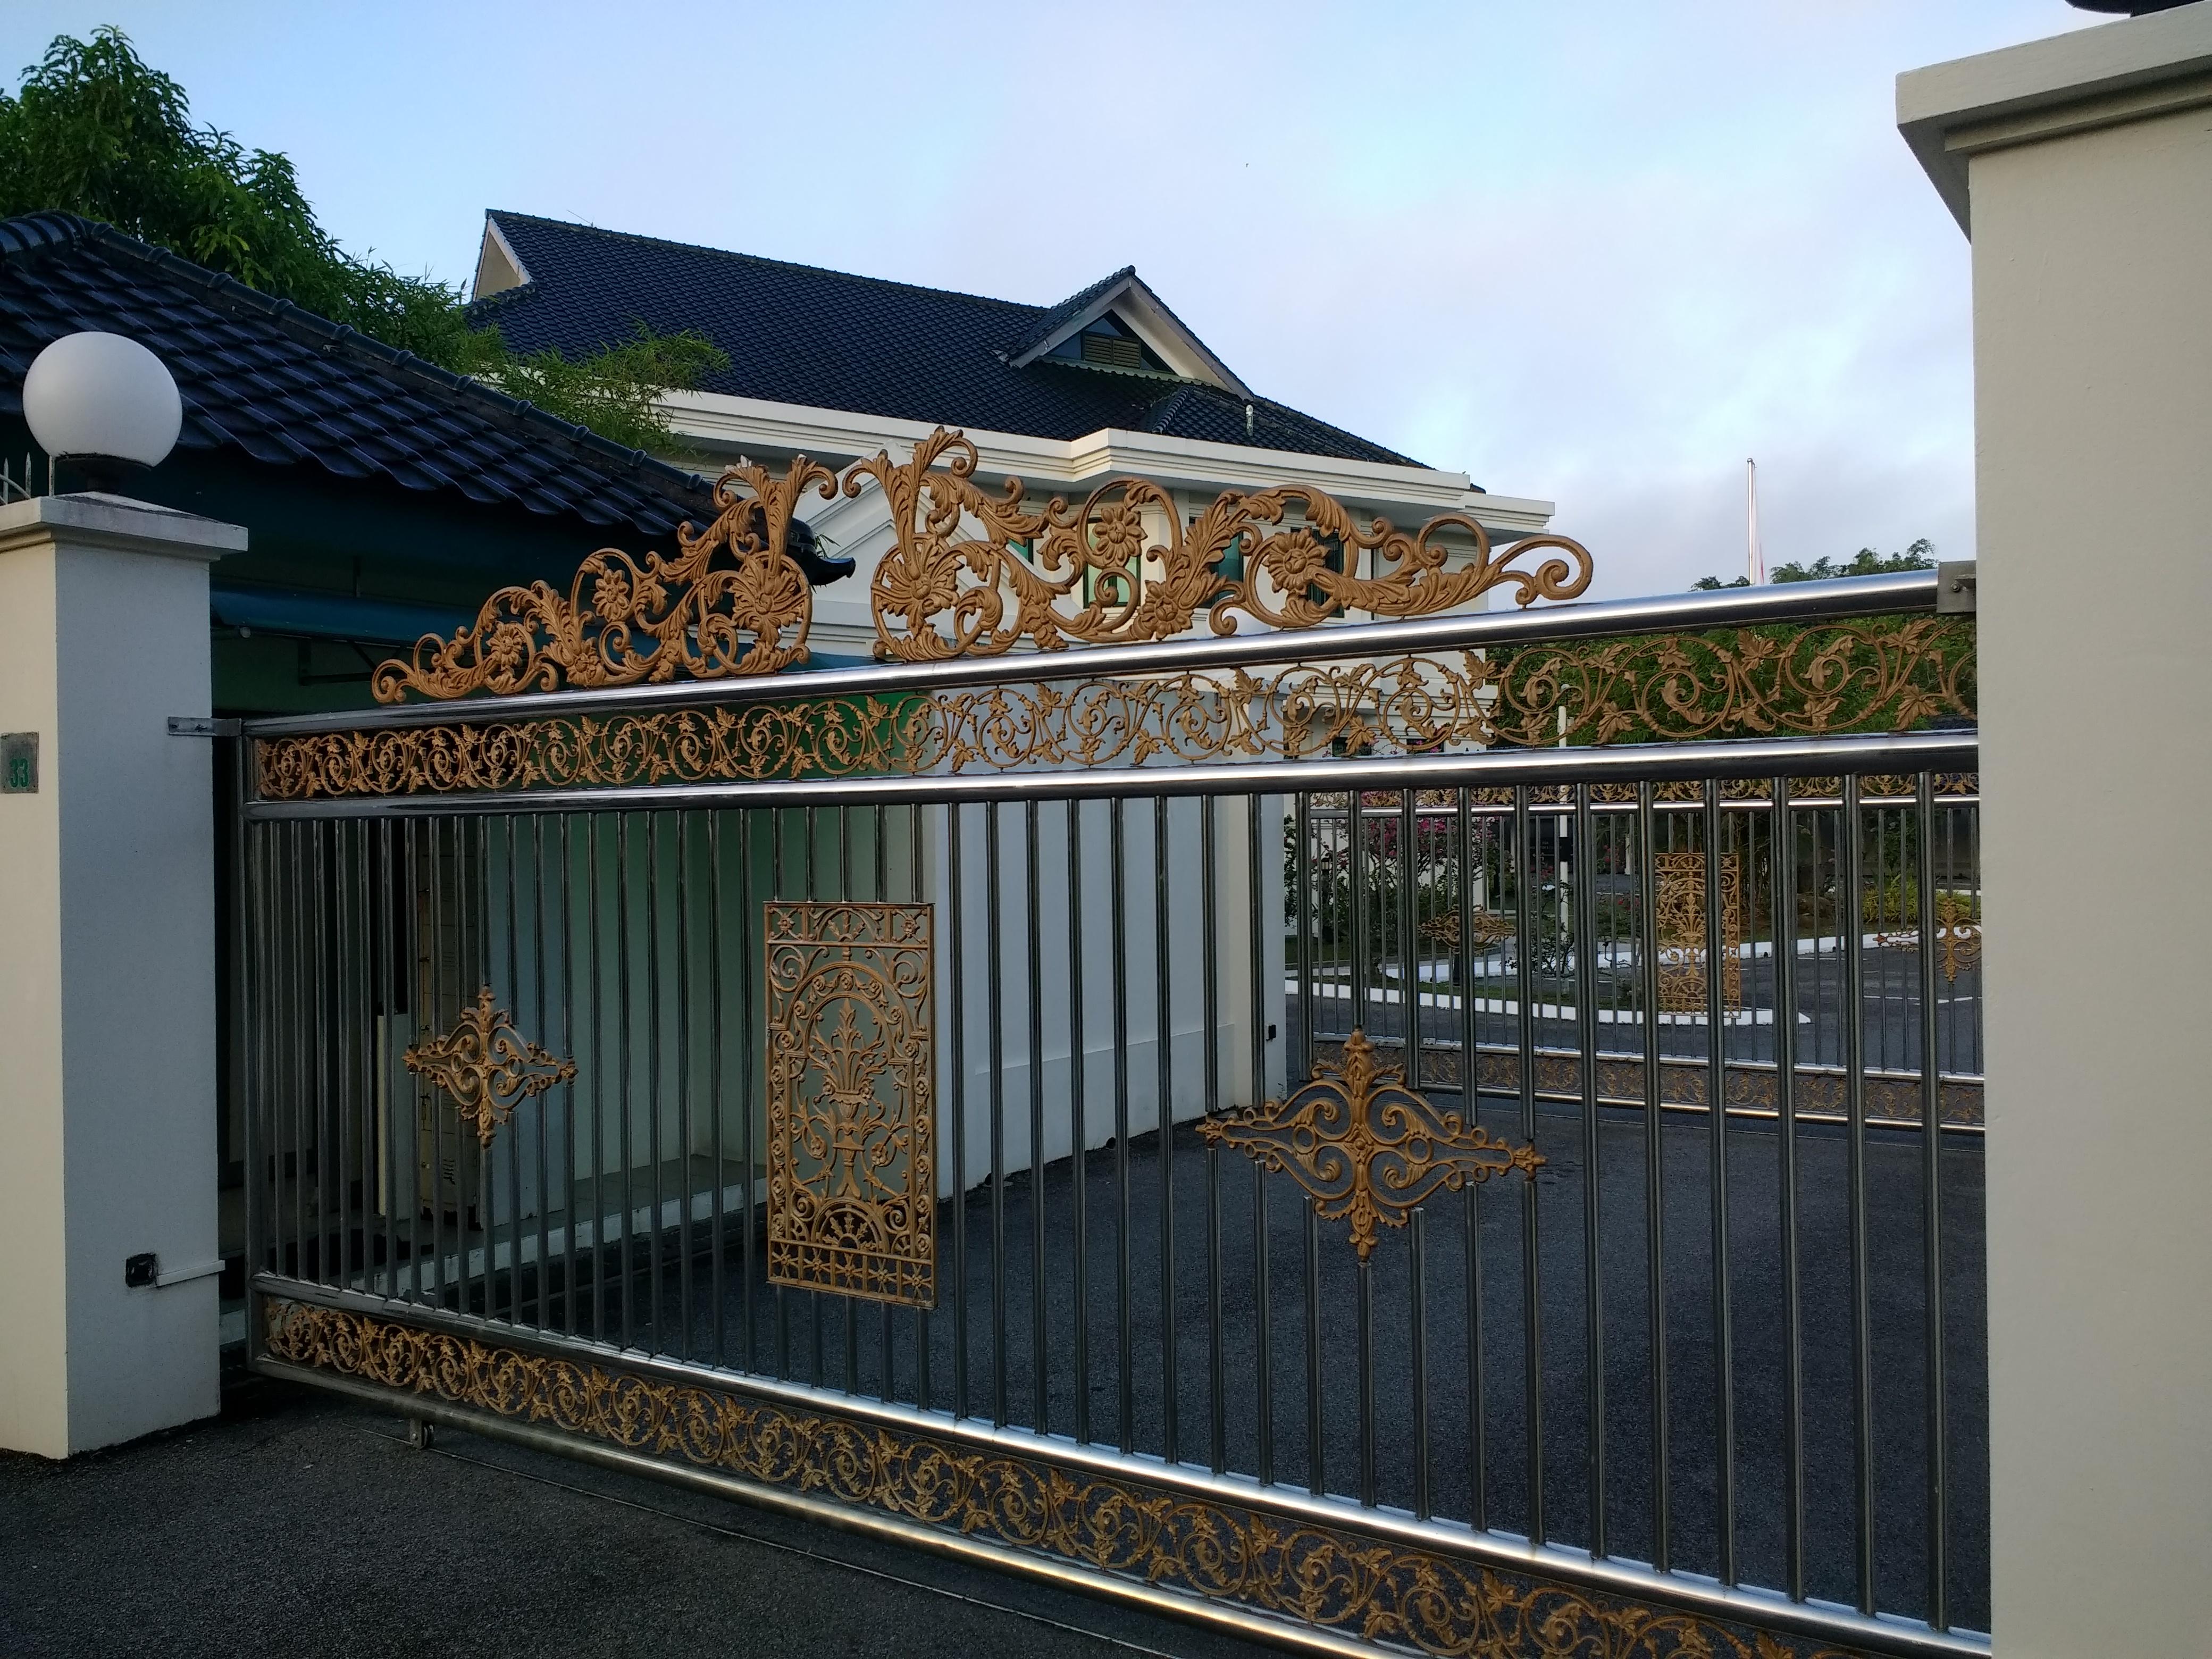 Berkas Embassy Of Japan In Bandar Seri Begawan 1 Jpg Wikipedia Bahasa Indonesia Ensiklopedia Bebas